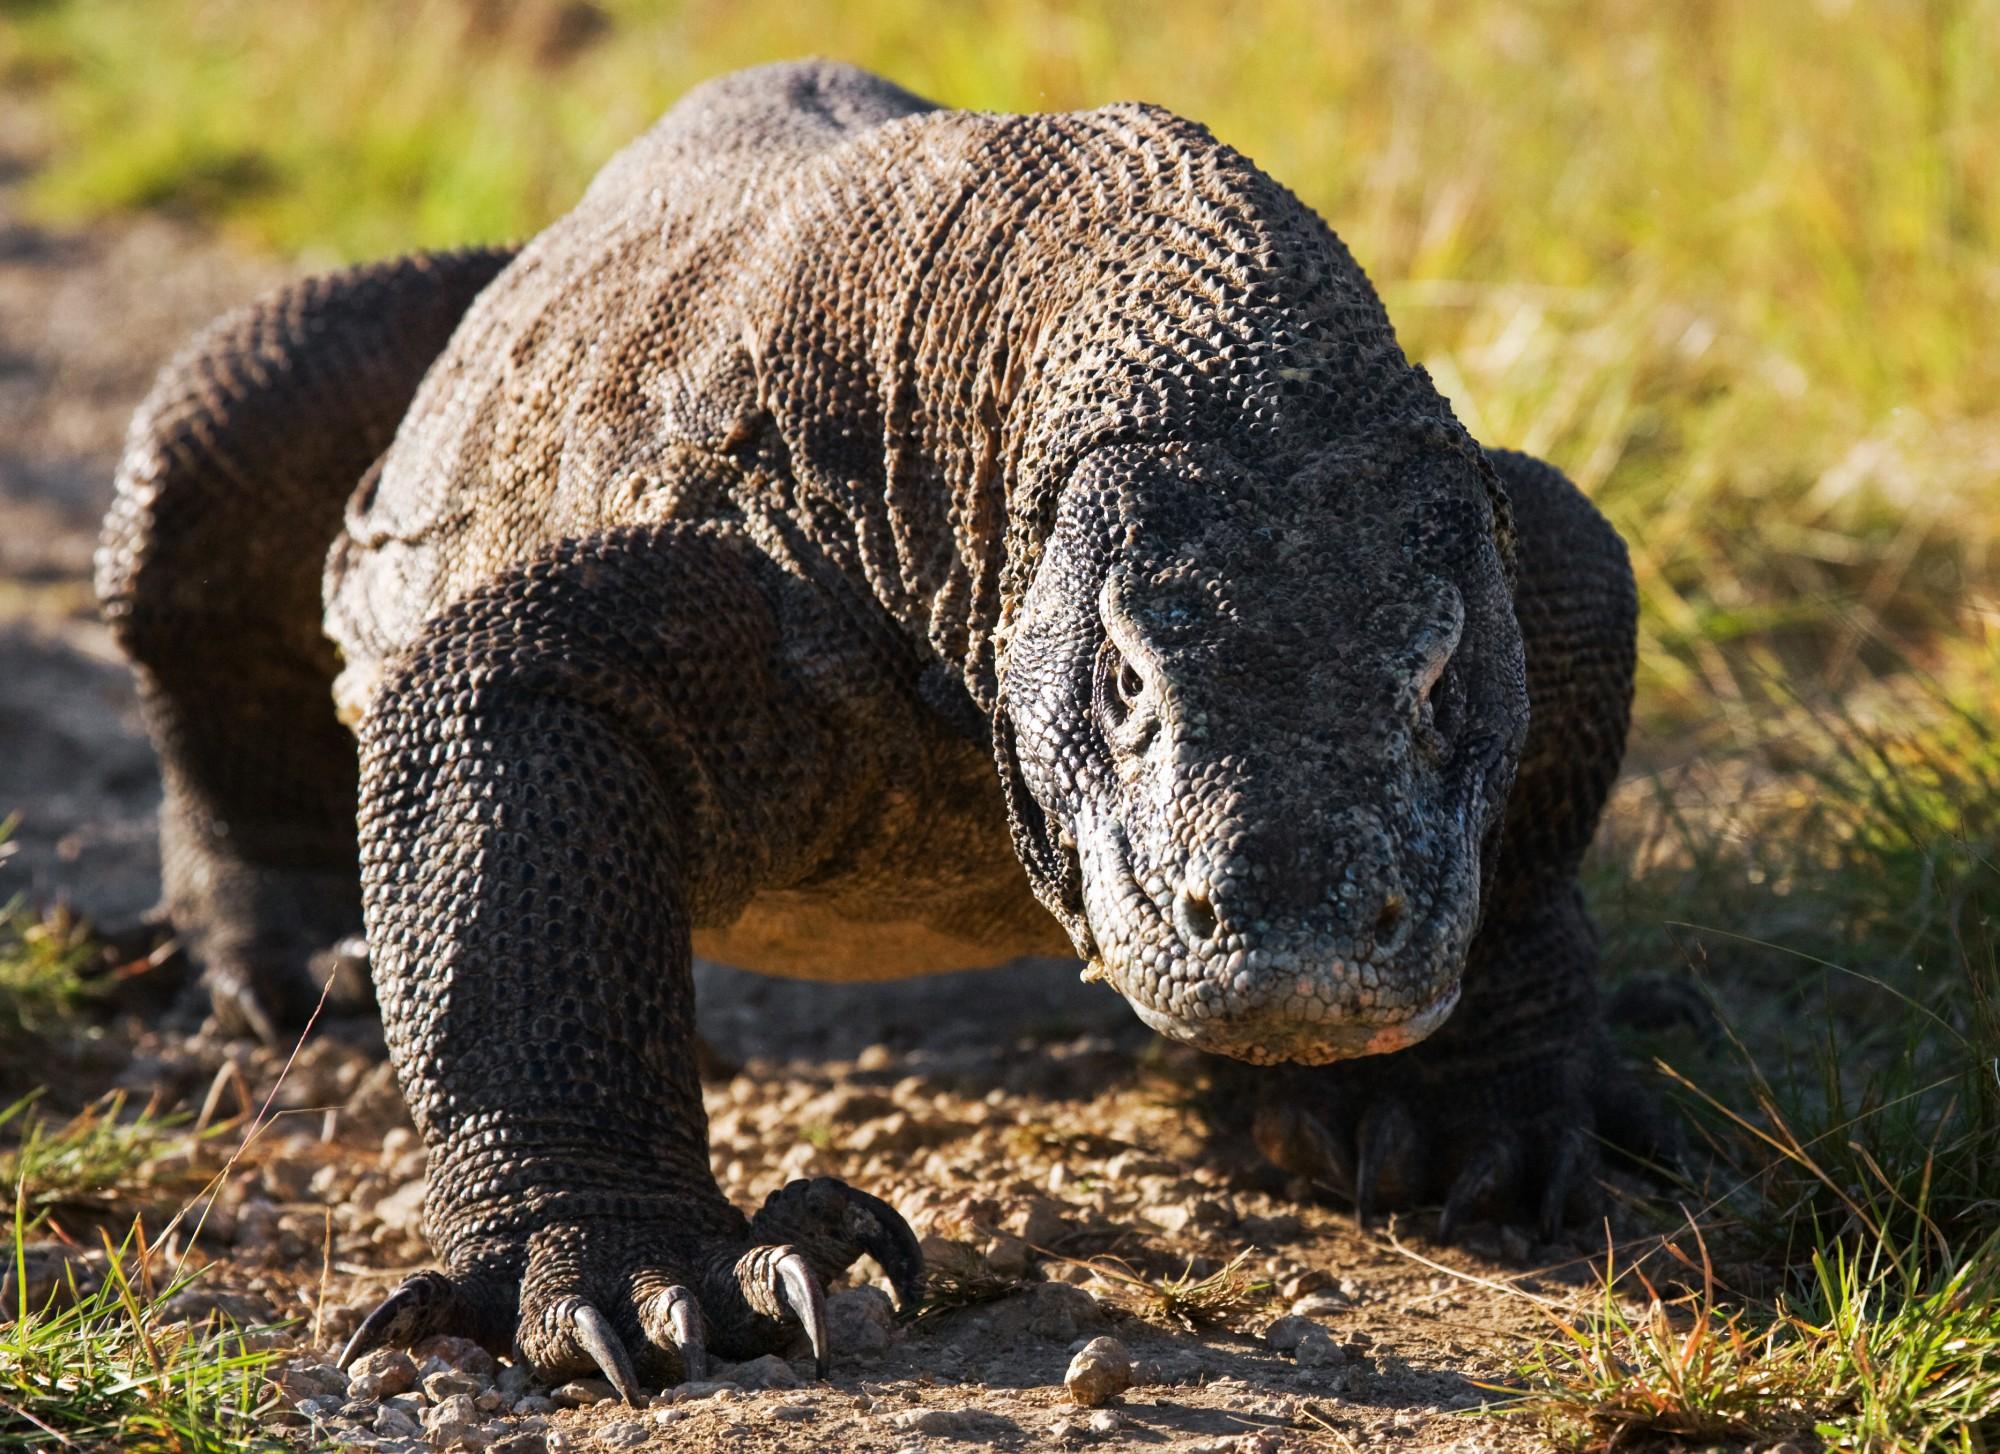 Varan komodský na ostrově Komodo